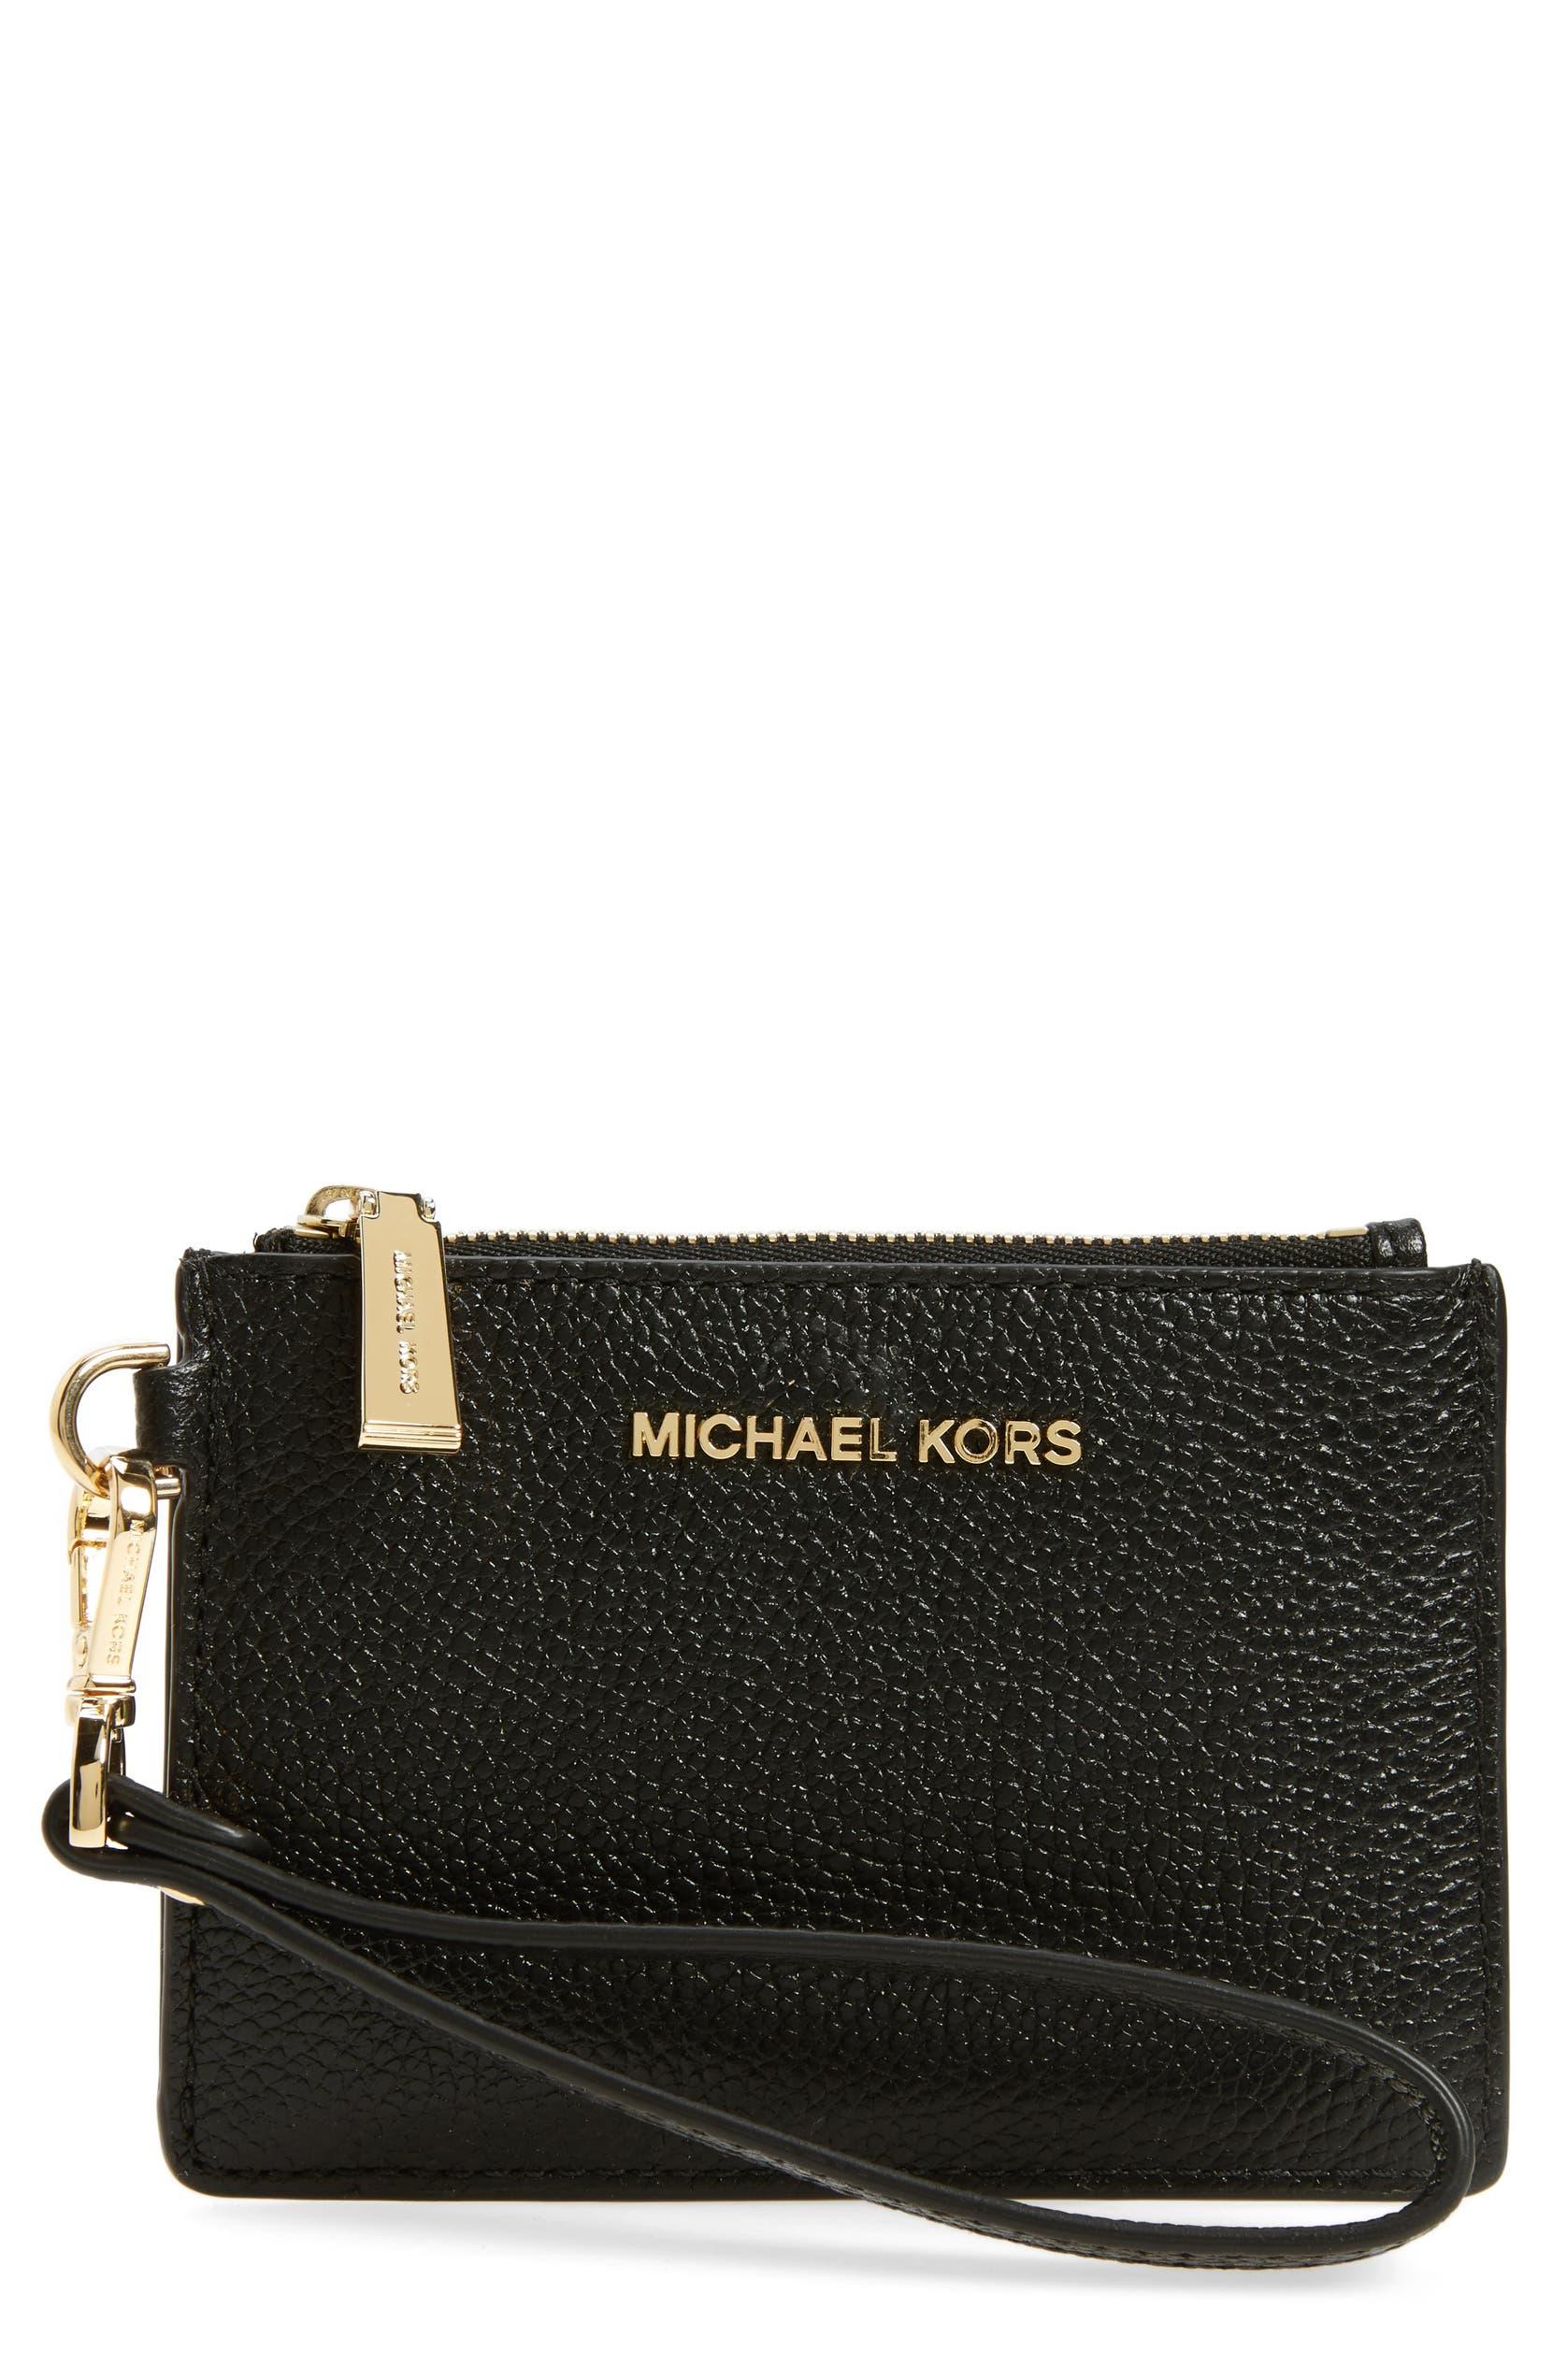 af4efa205ef4 MICHAEL Michael Kors Small Mercer Leather RFID Coin Purse | Nordstrom